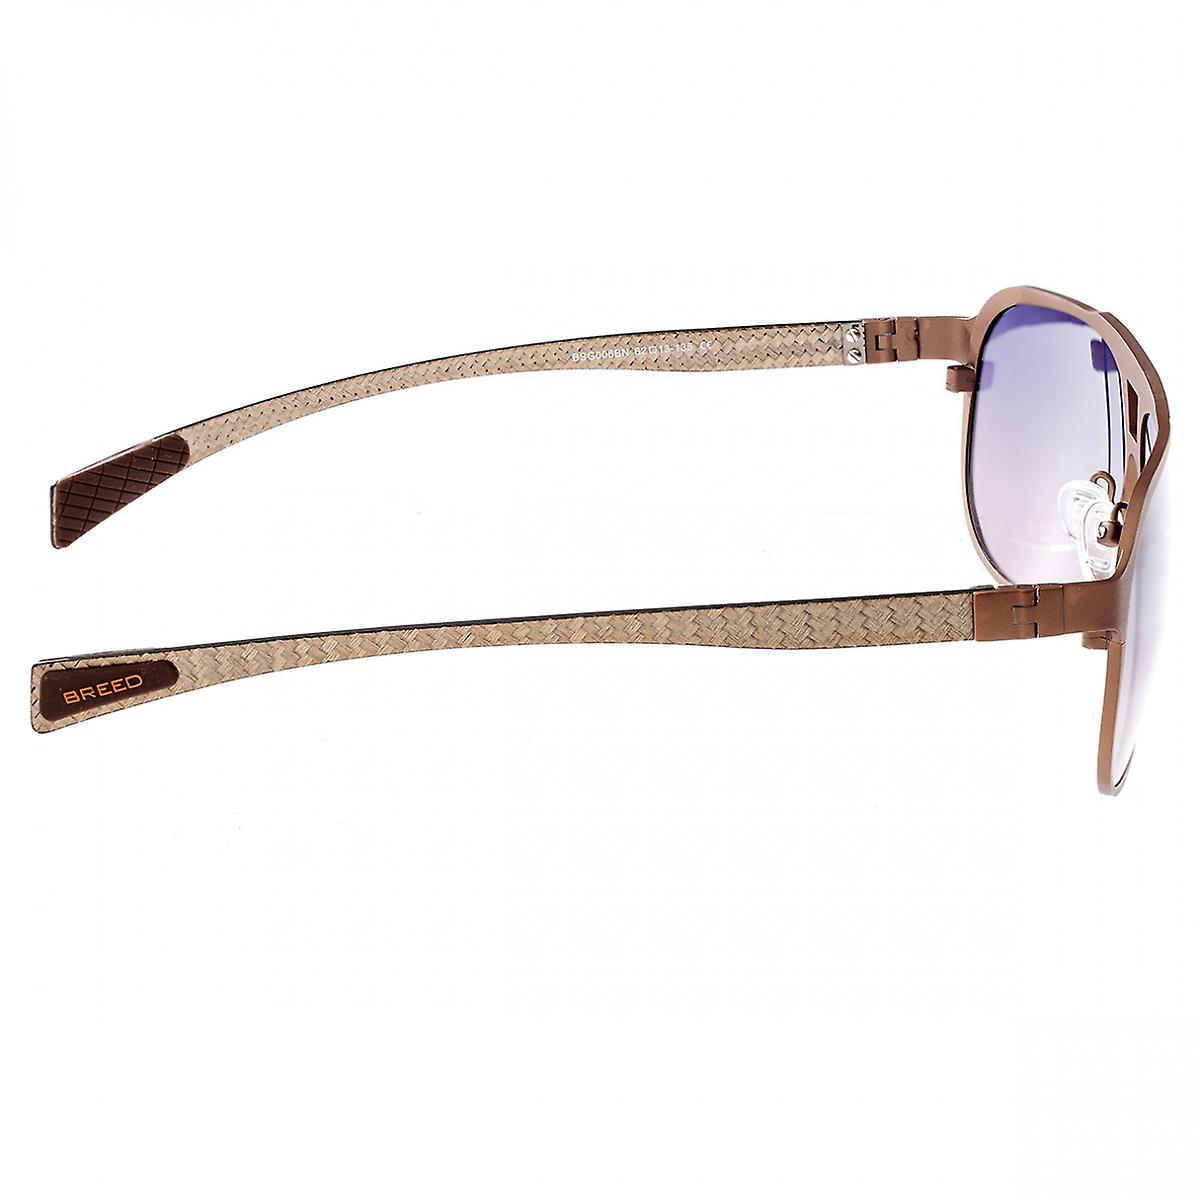 Breed Apollo Titanium and Carbon Fiber Polarized Sunglasses - Brown/Purple